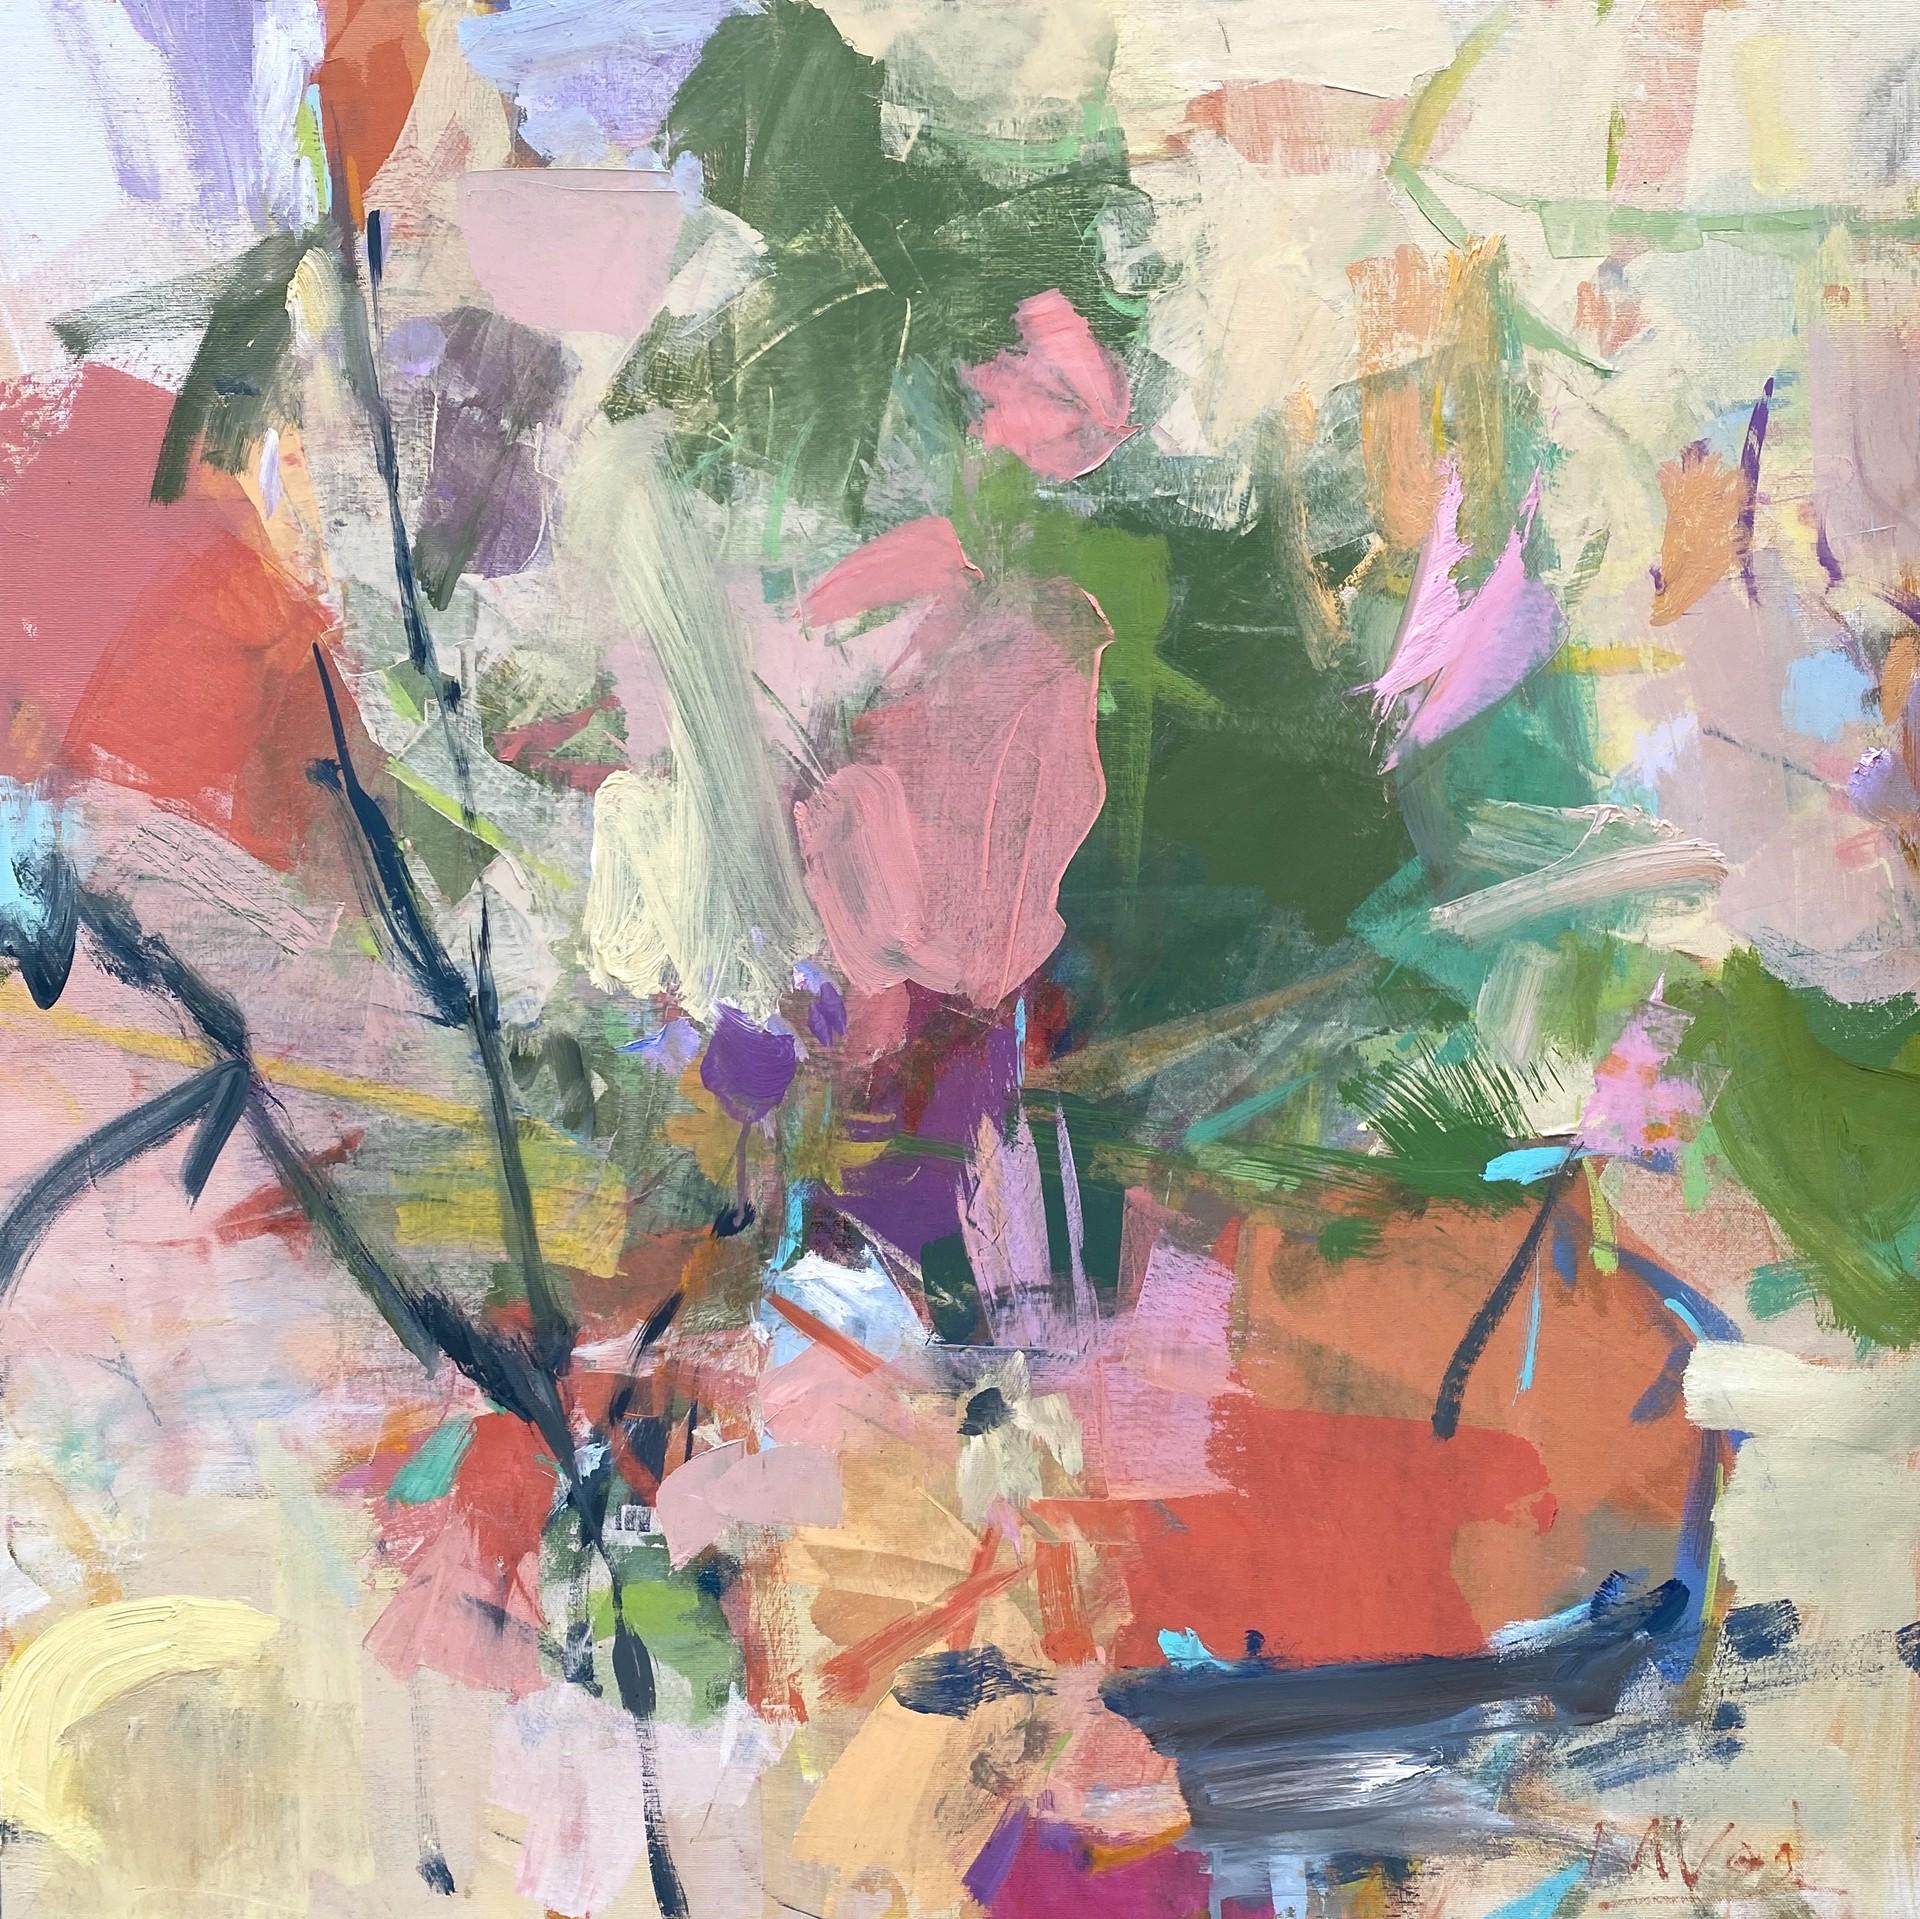 Happy Hour by Marissa Vogl